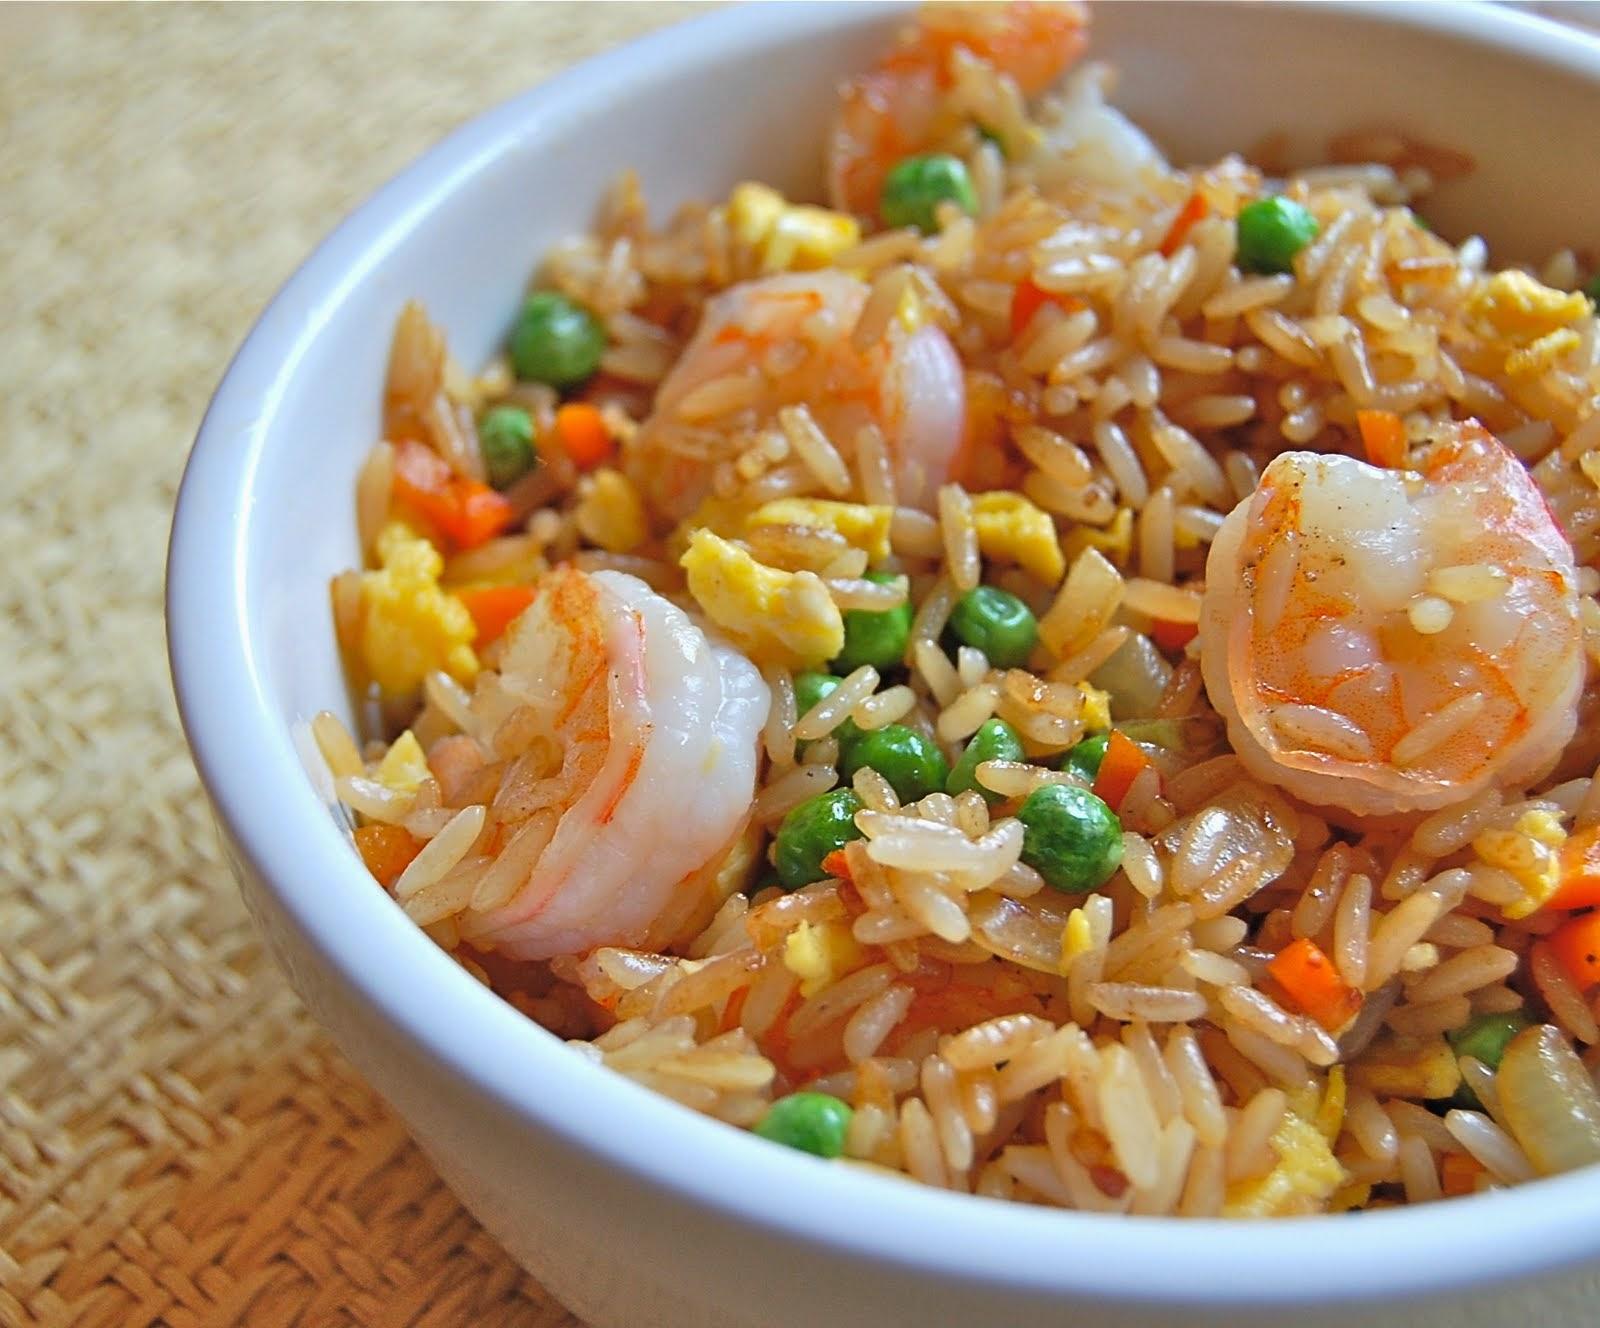 Resep Nasi Goreng Seafood Udang Dan Cumi Mudah Resep Kue Kering Ku